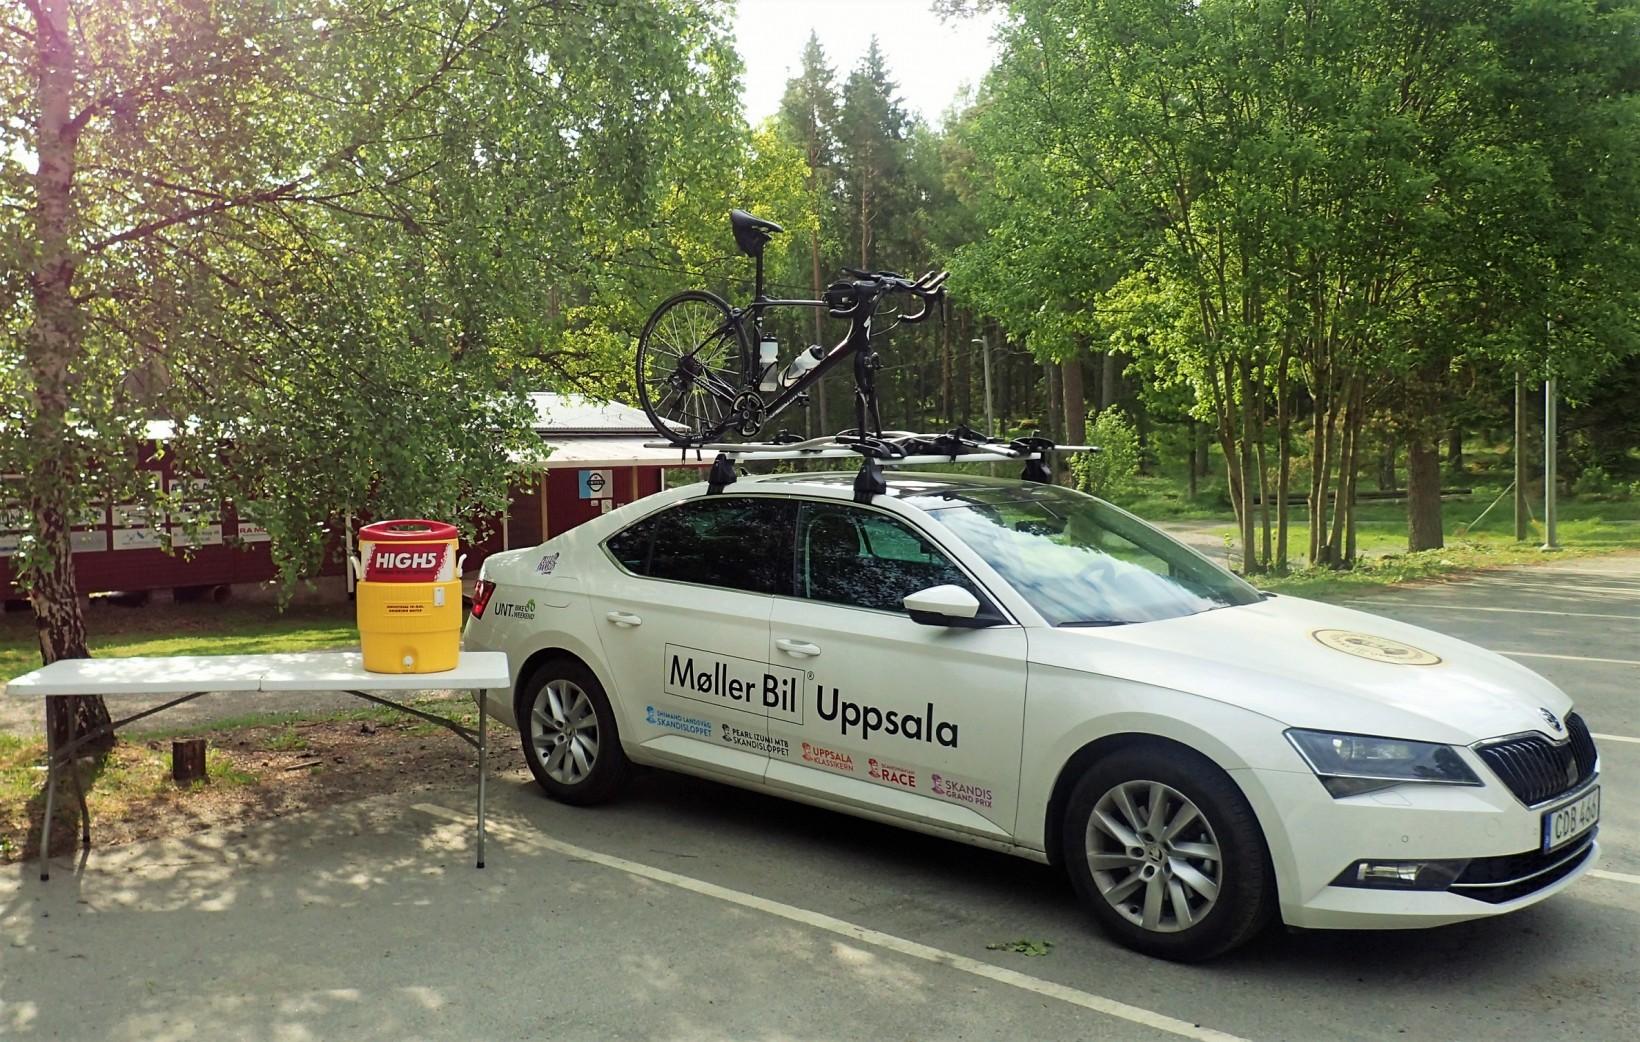 Jag kör UNT Bike Weekends fina bil från Skoda/Möller bil under ett par veckor till några olika motionslopp, och samtidigt passar vi på att bjuda alla cyklister på sportdryck från High5!